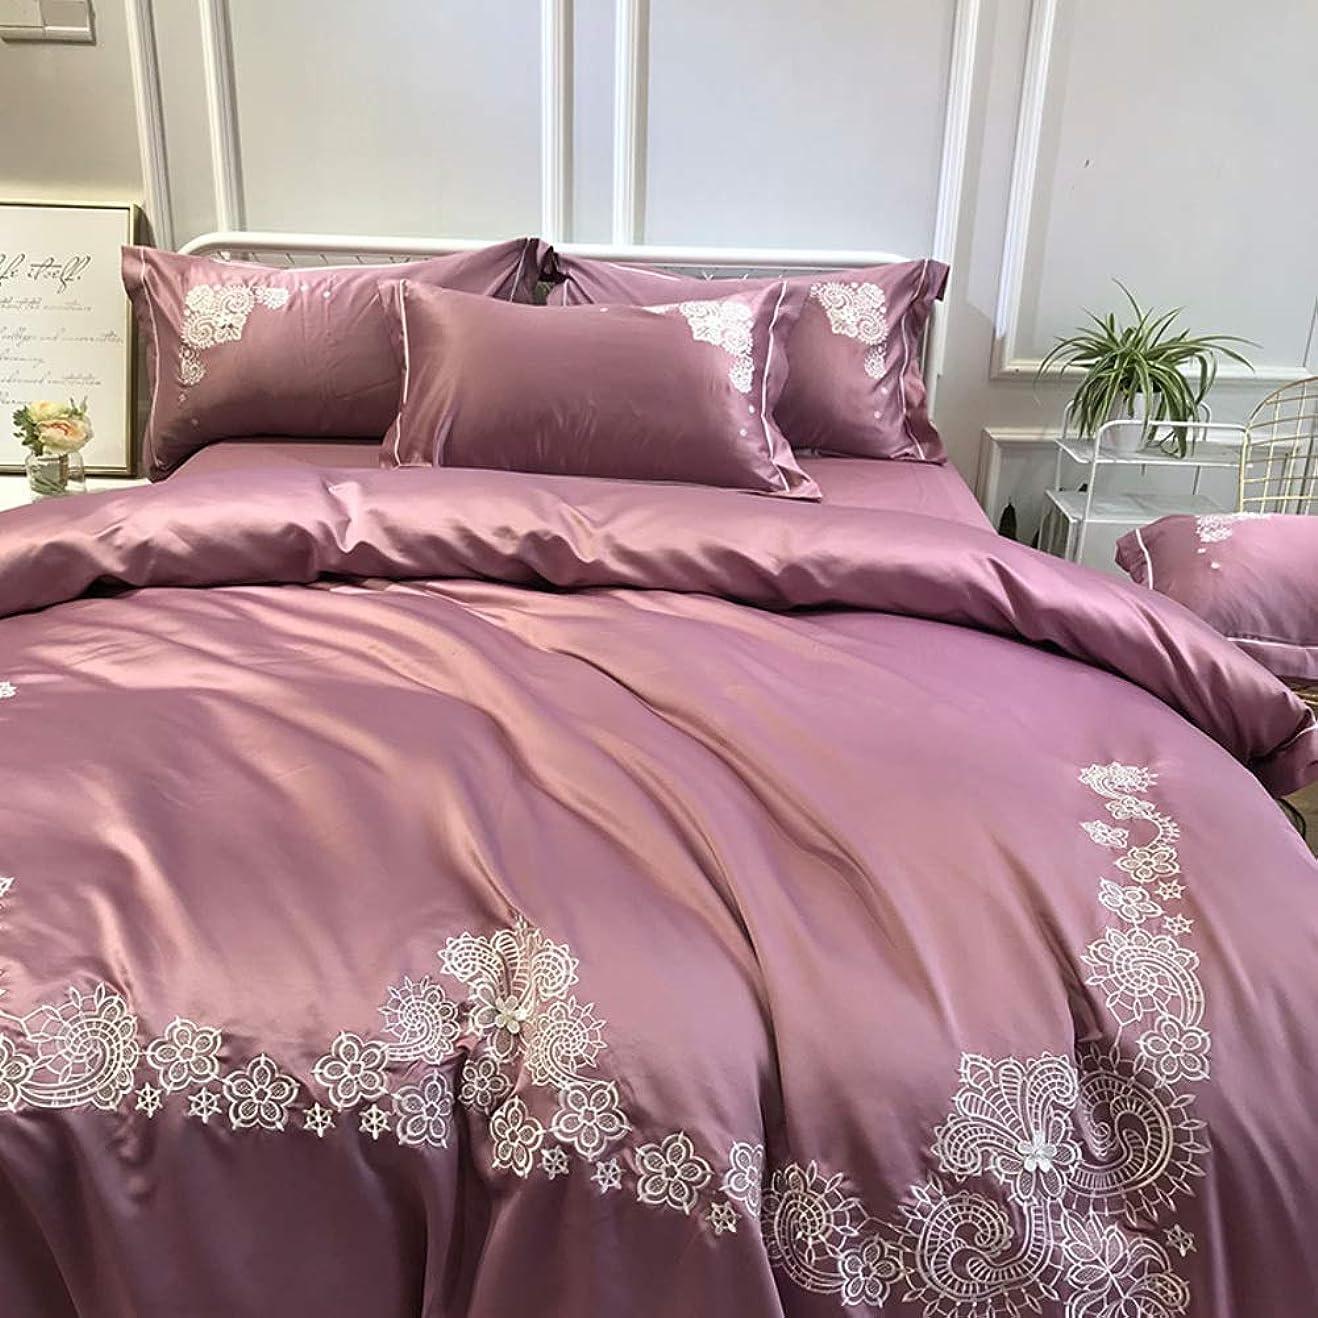 然とした外科医時々高級 サテンシルク 寝具ベッド, 高級 4 ピース 100% スーパーソフト ファイバー セクシー 羽毛布団カバーセット シート 枕カバー-b